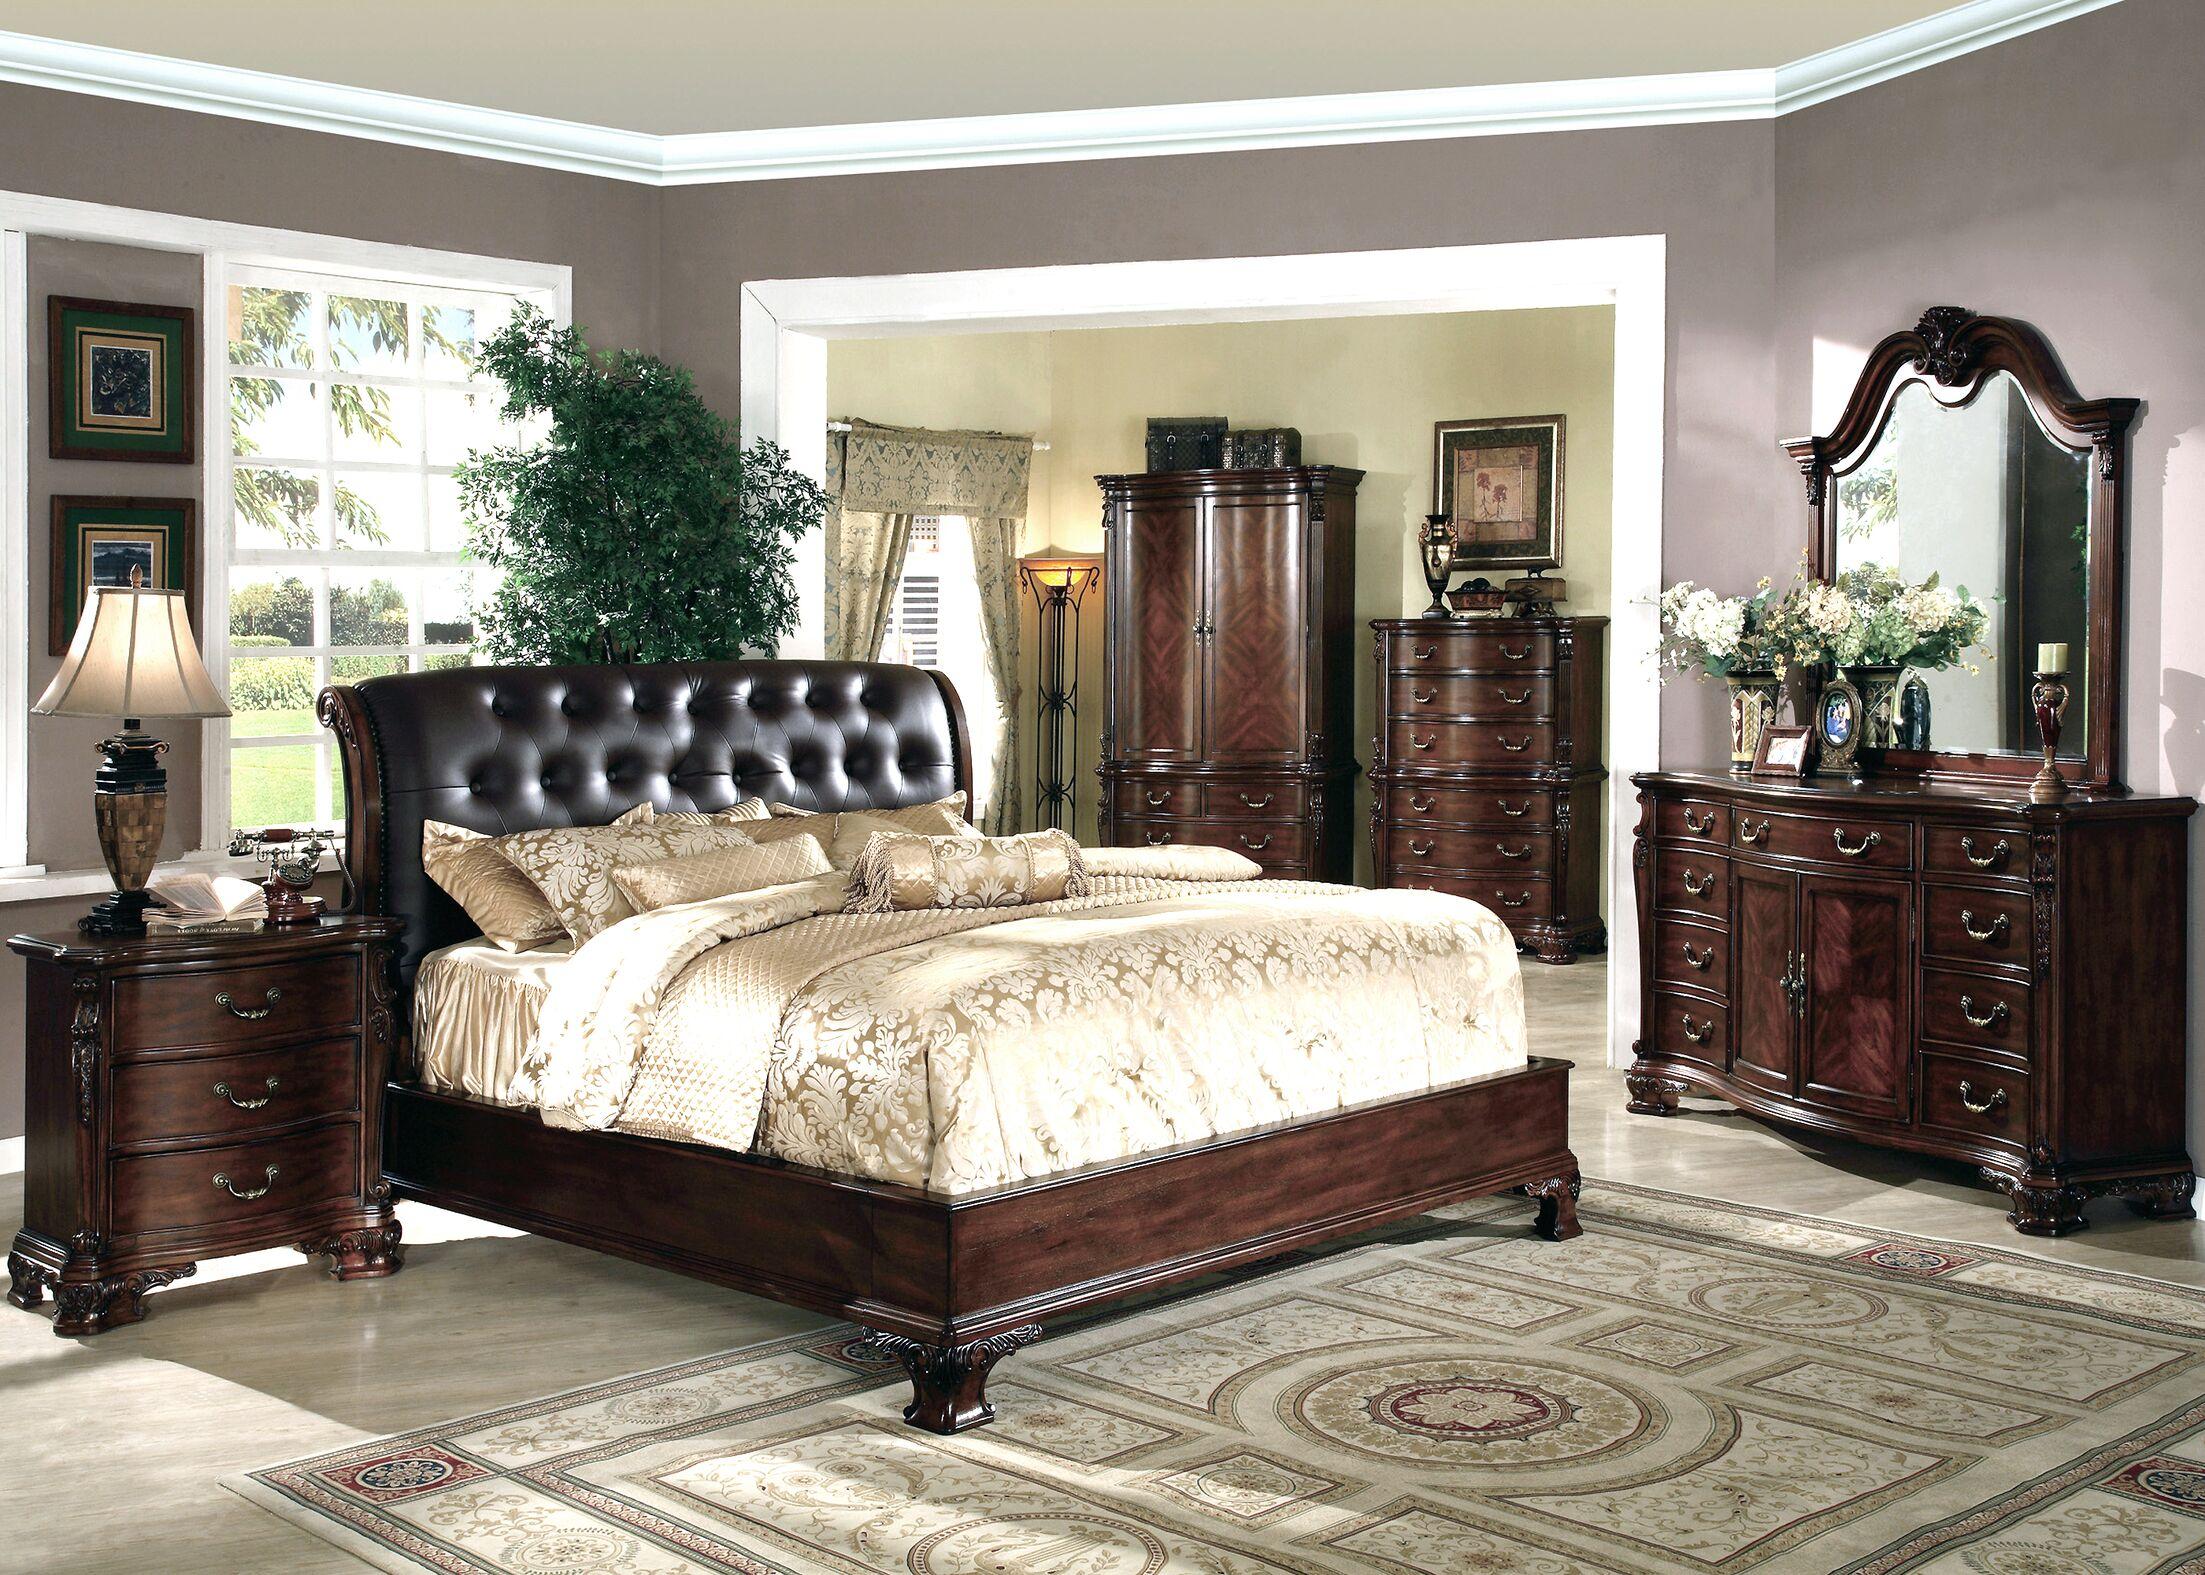 Alderwood California king Platform Bed Size: King